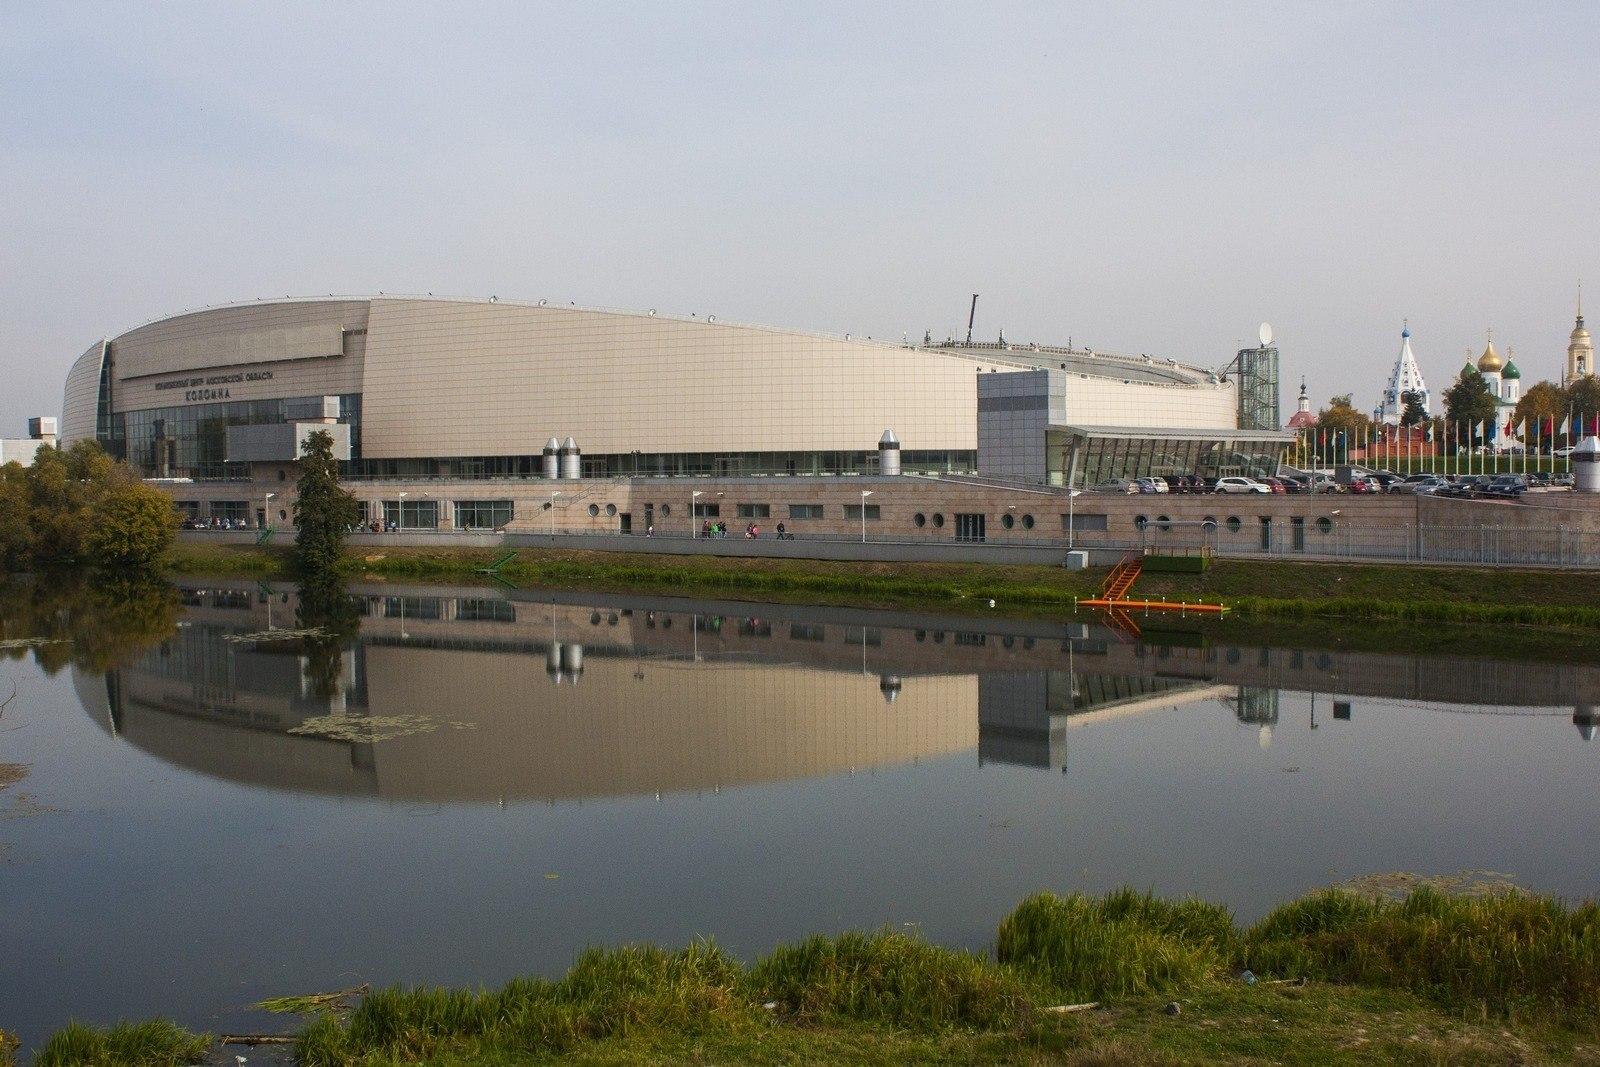 Конькобежный центр «Коломна» лидирует в рейтинге спортивных центров Московской области